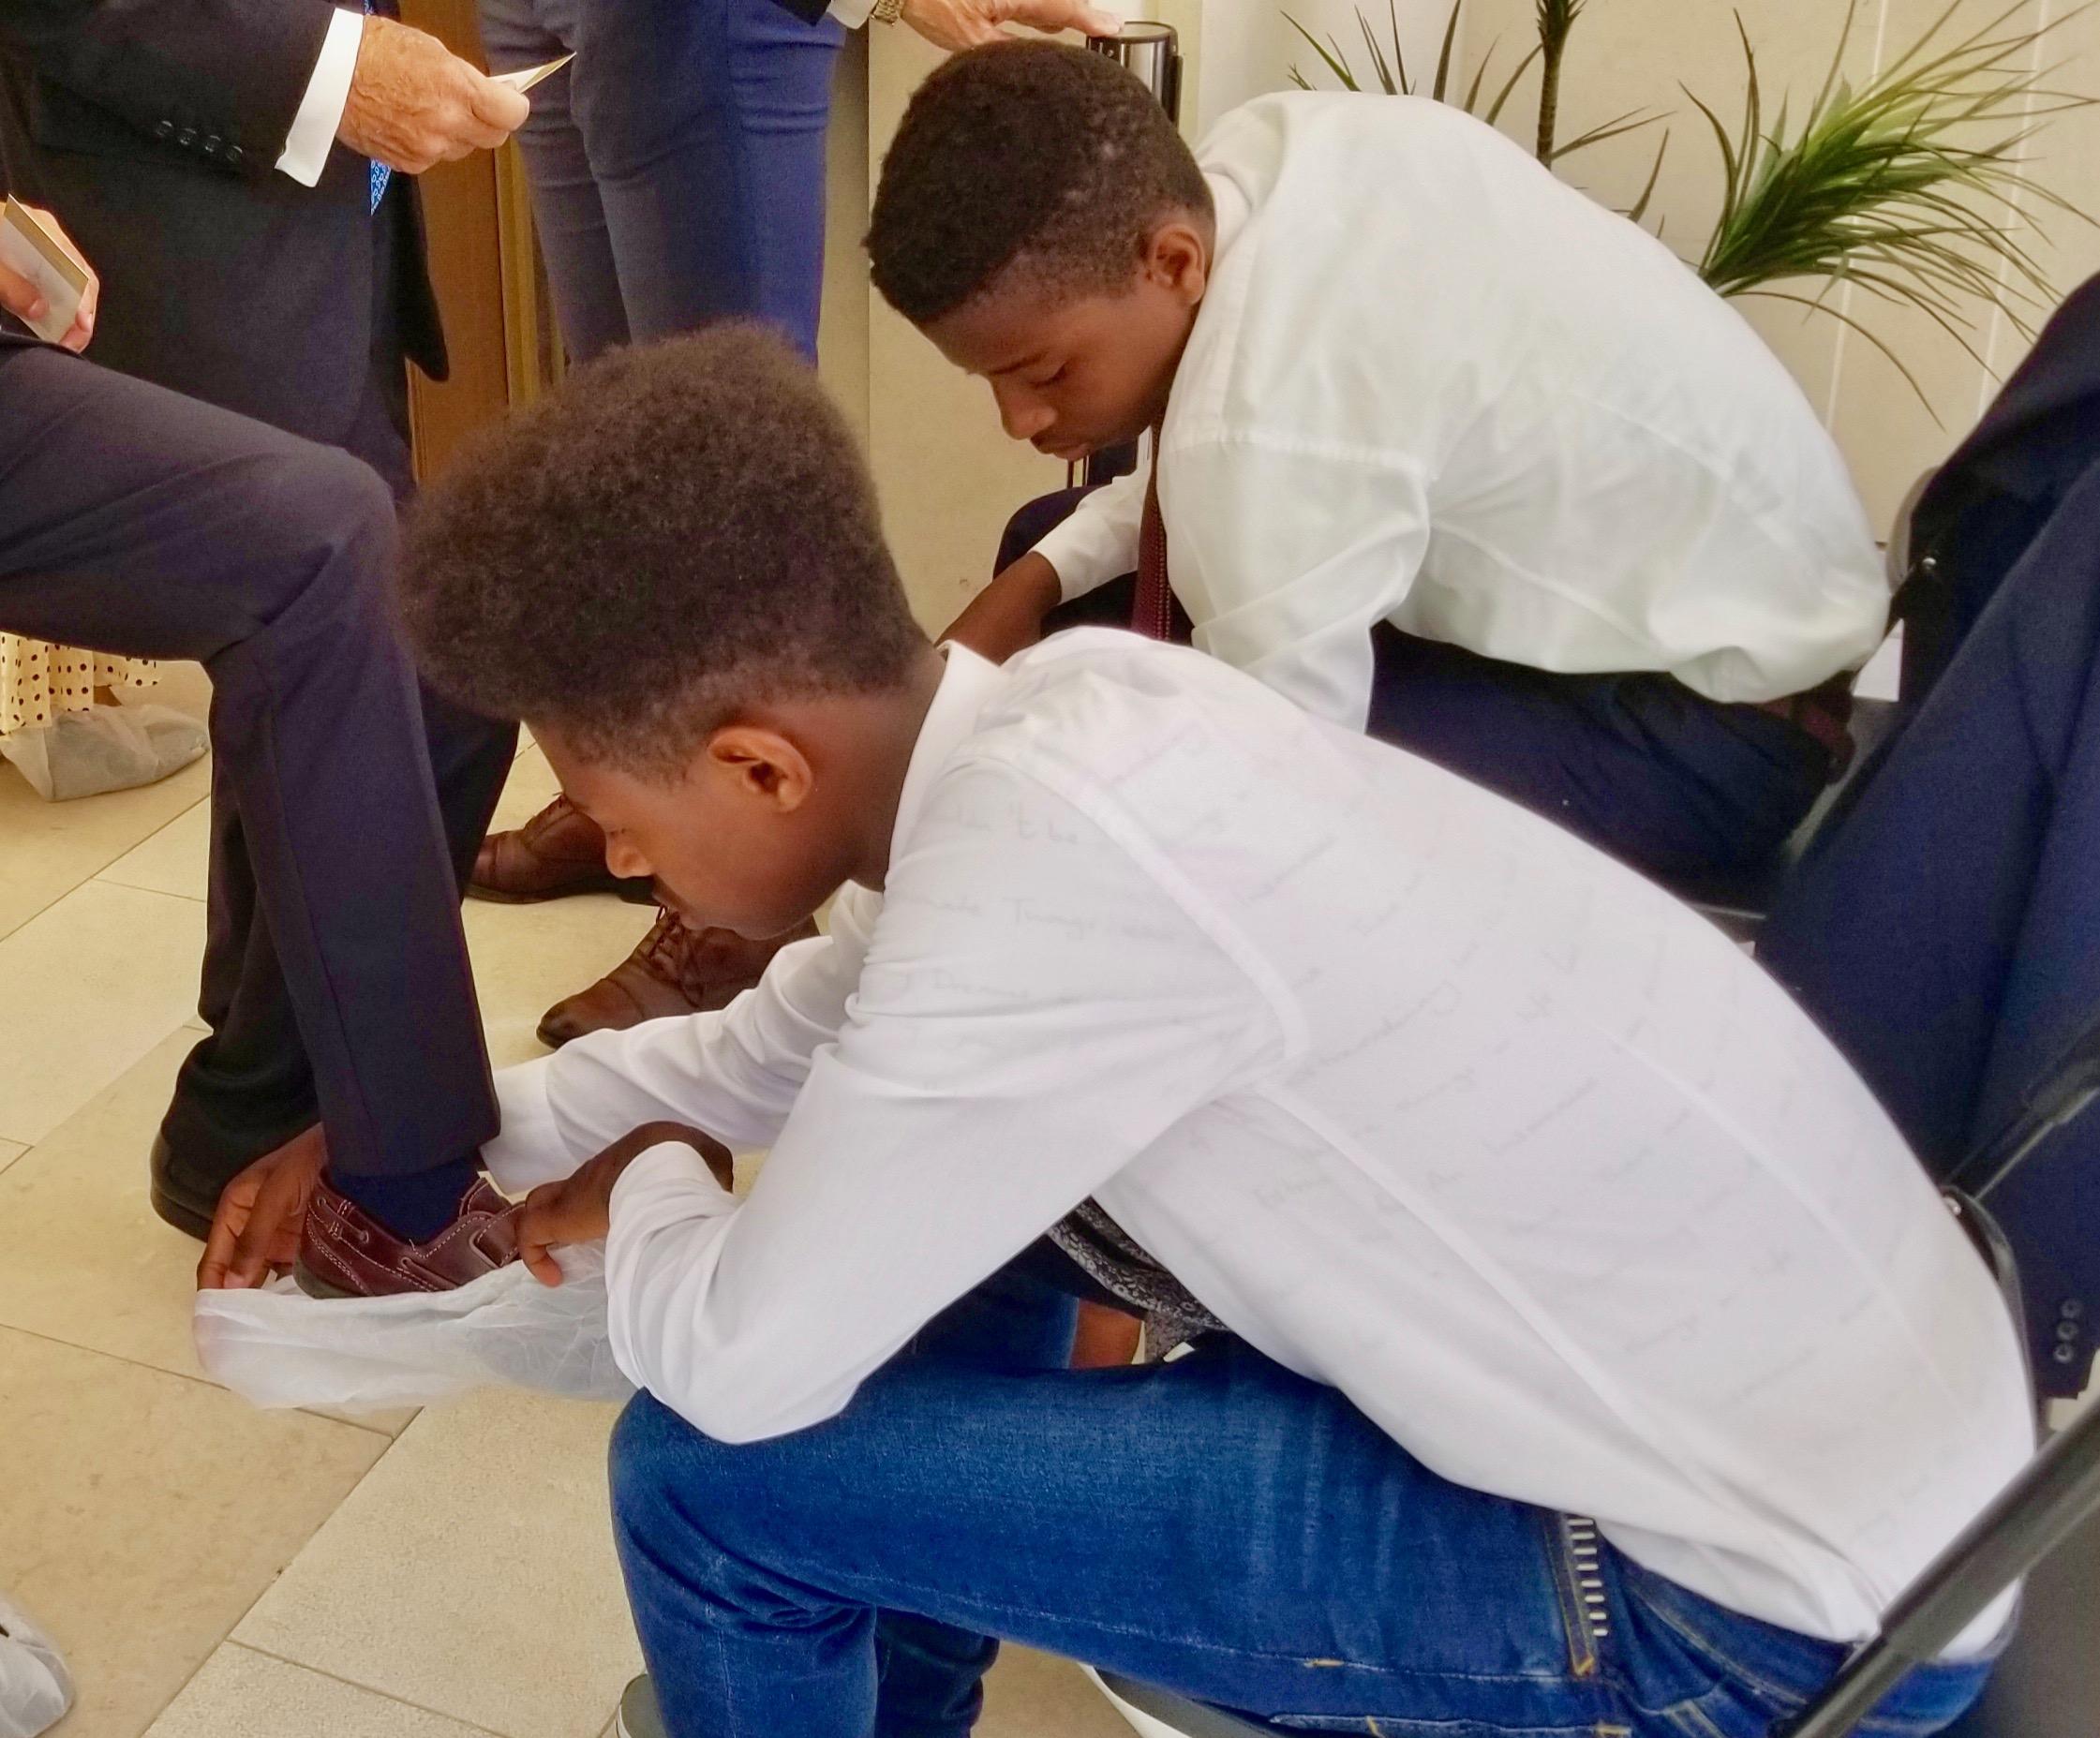 Rapazes calçando pantufas para cobrir os sapatos das pessoas que foram à dedicação do Templo de Lisboa Portugal no domingo, 15 de setembro de 2019.